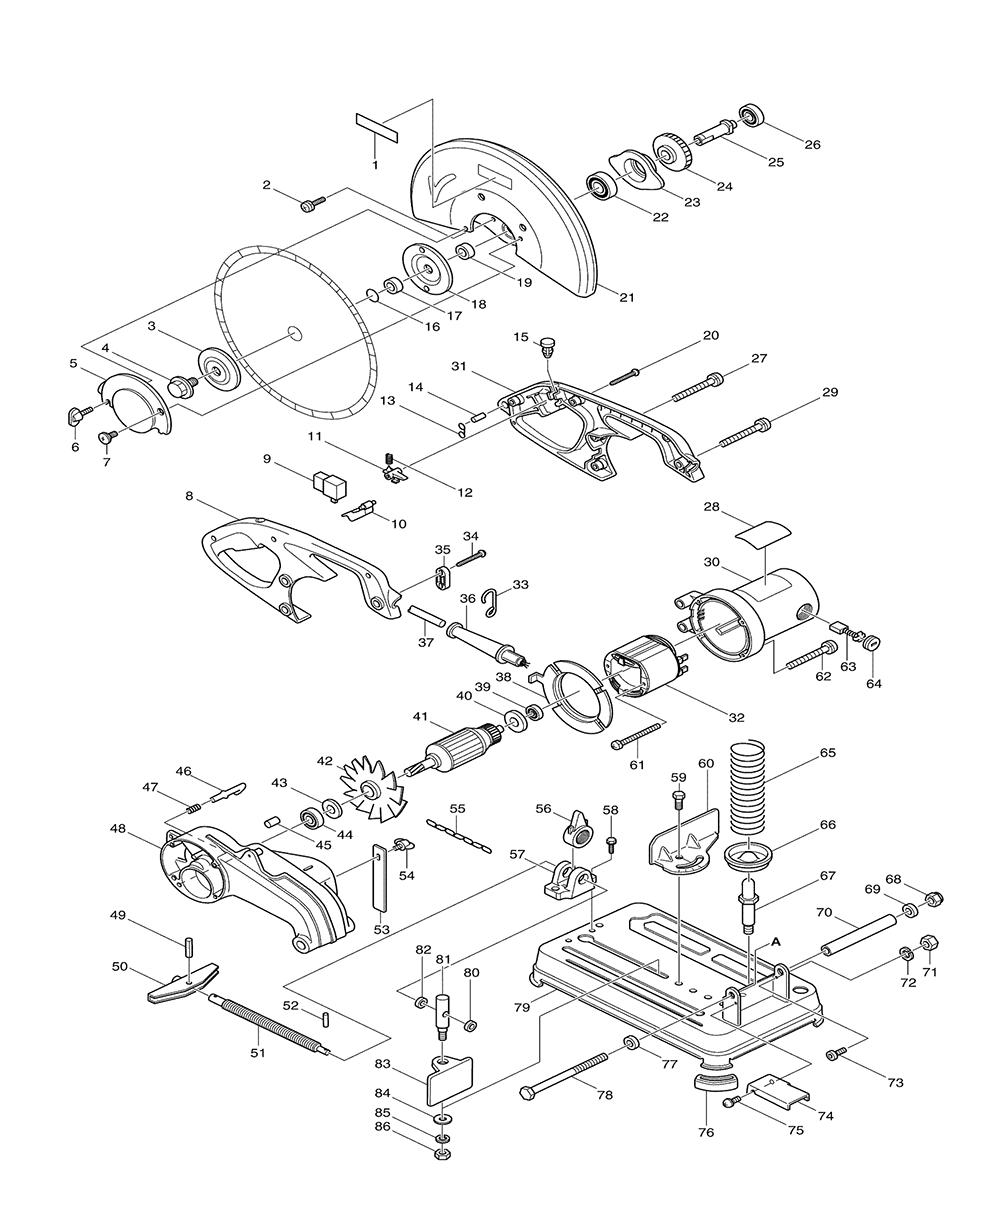 buy makita 2414nb 14 inch cut replacement tool parts makita 2414nb electric saw parts diagram